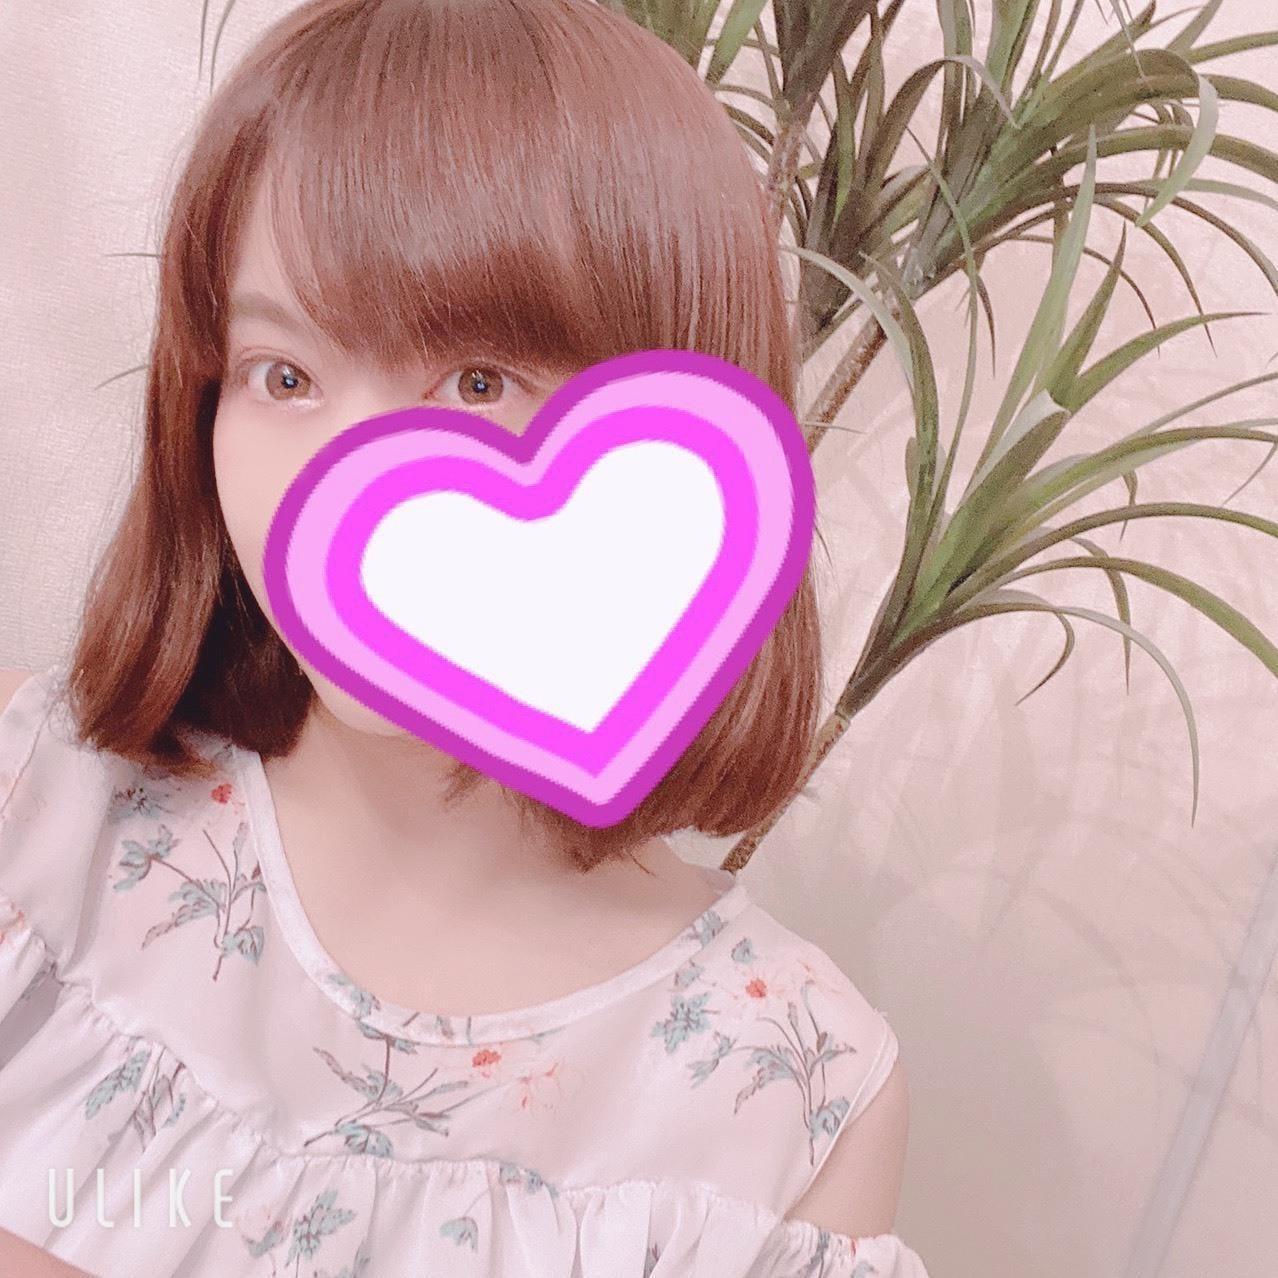 「感謝です☆」06/21(06/21) 08:00 | るるの写メ